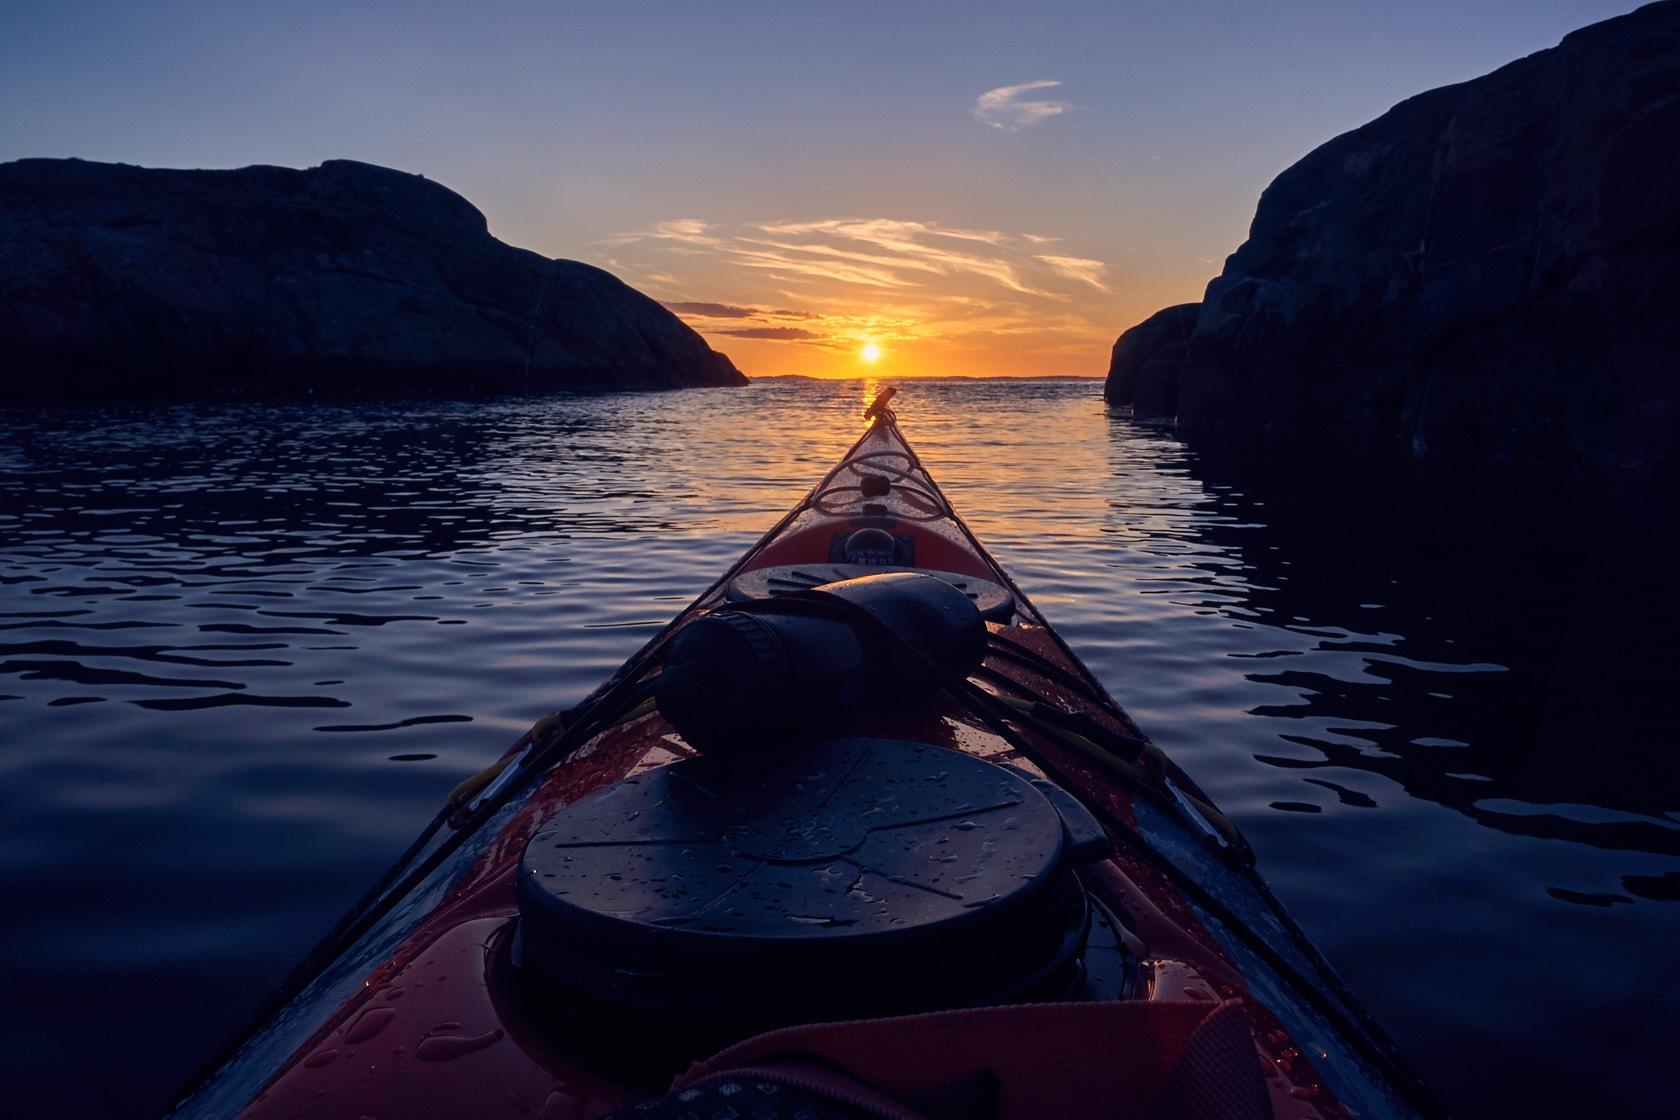 Sunset paddling on the Swedish west coast  by Kayak Photographer